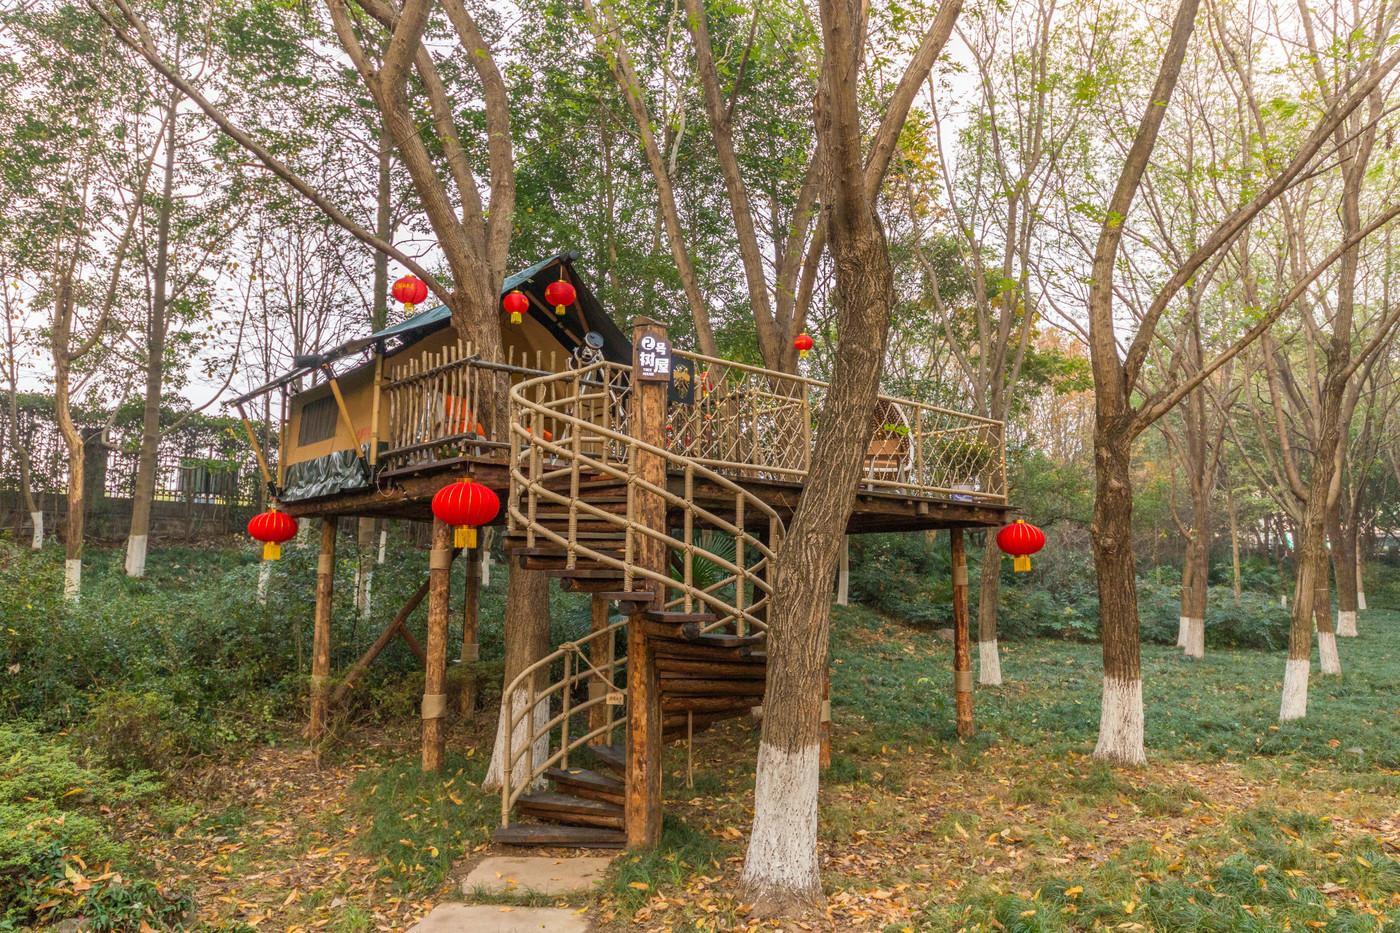 喜马拉雅野奢帐篷酒店—江苏常州天目湖树屋帐篷酒店3